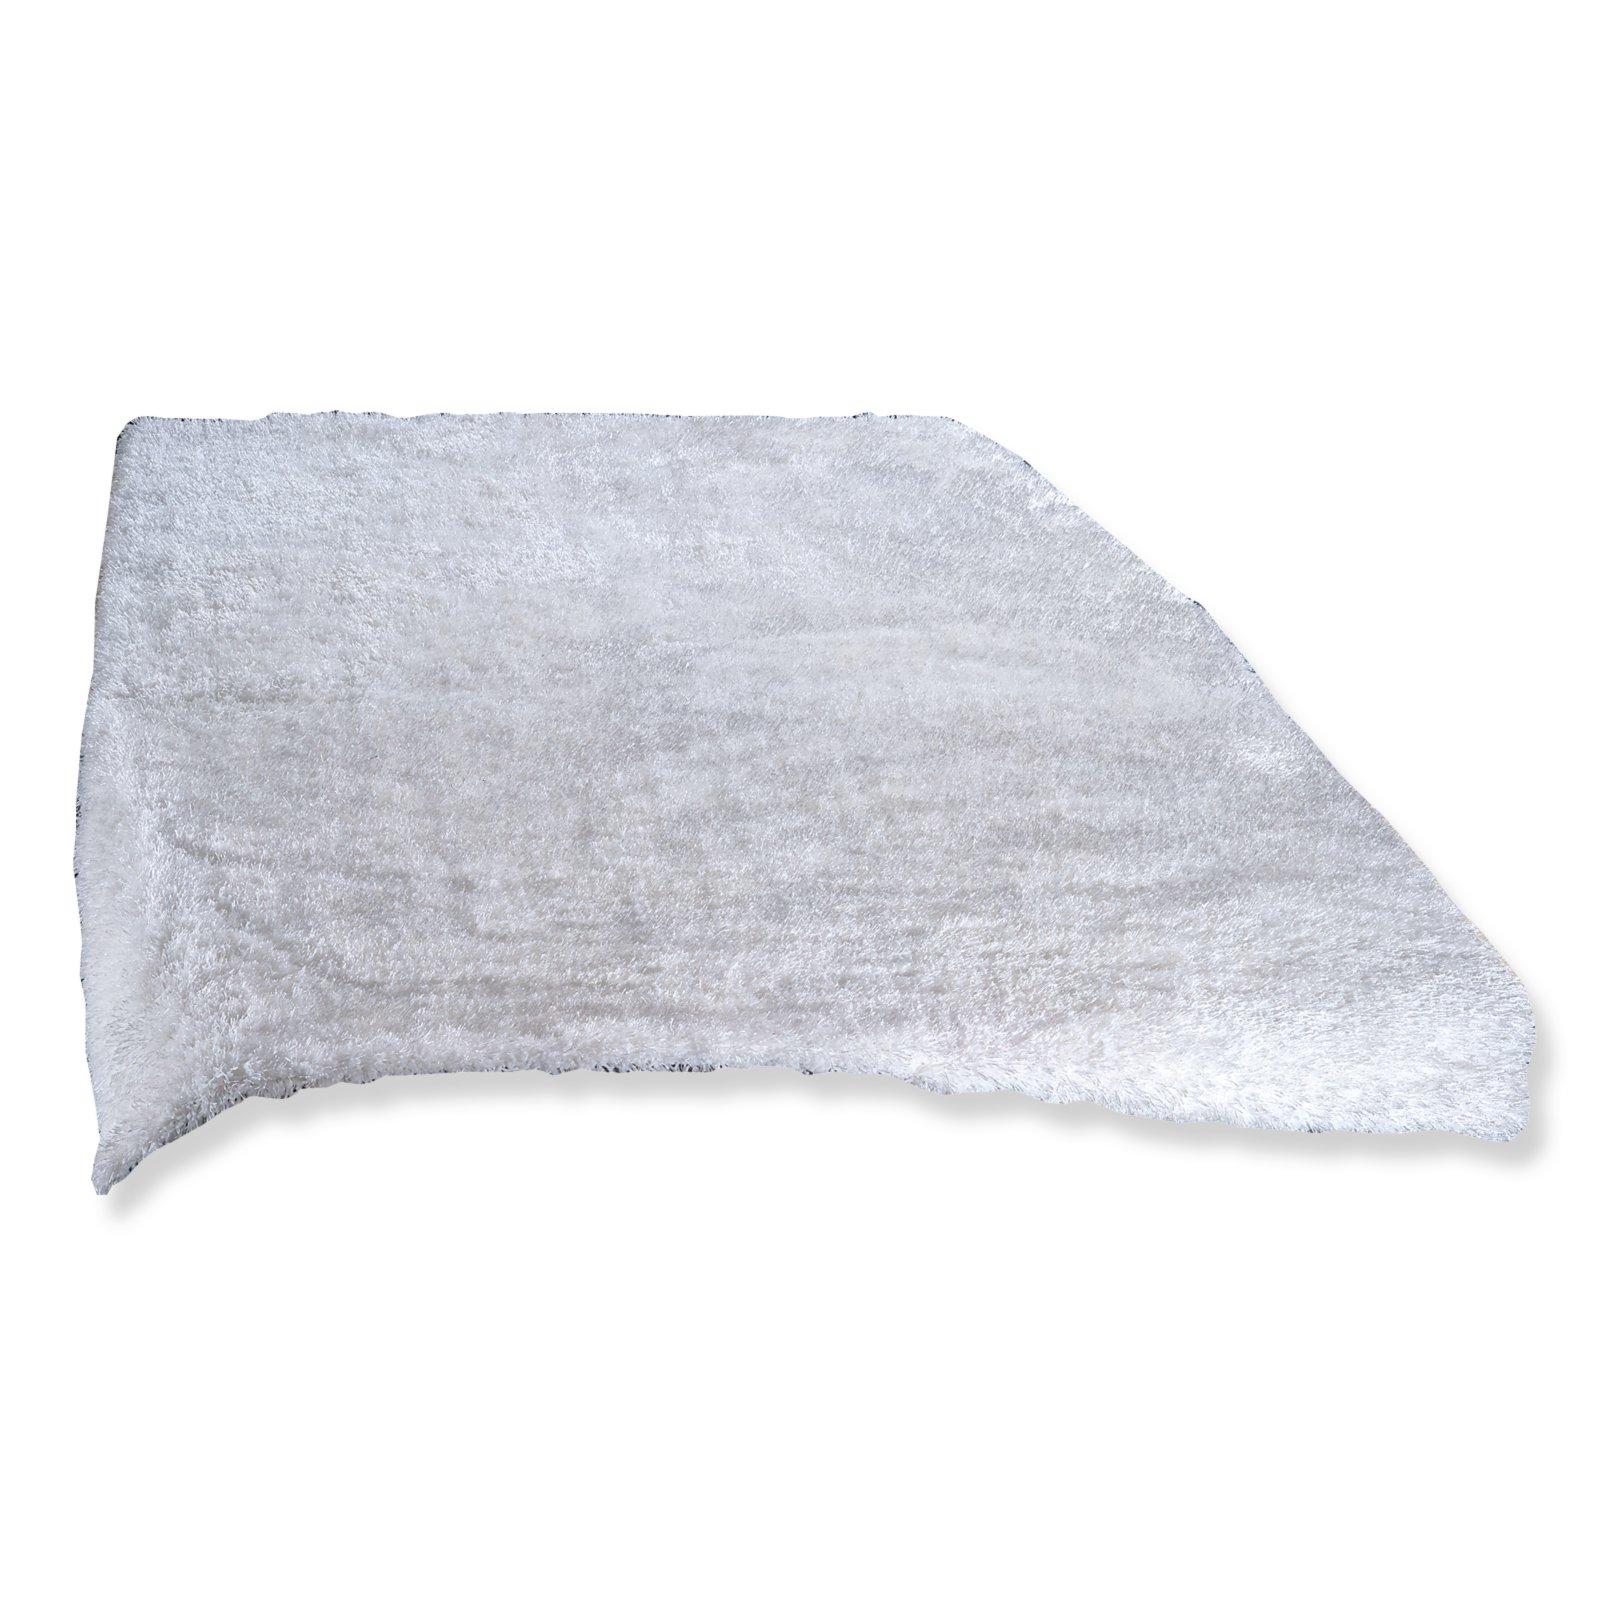 hochflor teppich marleen wei 200x290 cm hochflor shaggyteppiche teppiche l ufer. Black Bedroom Furniture Sets. Home Design Ideas